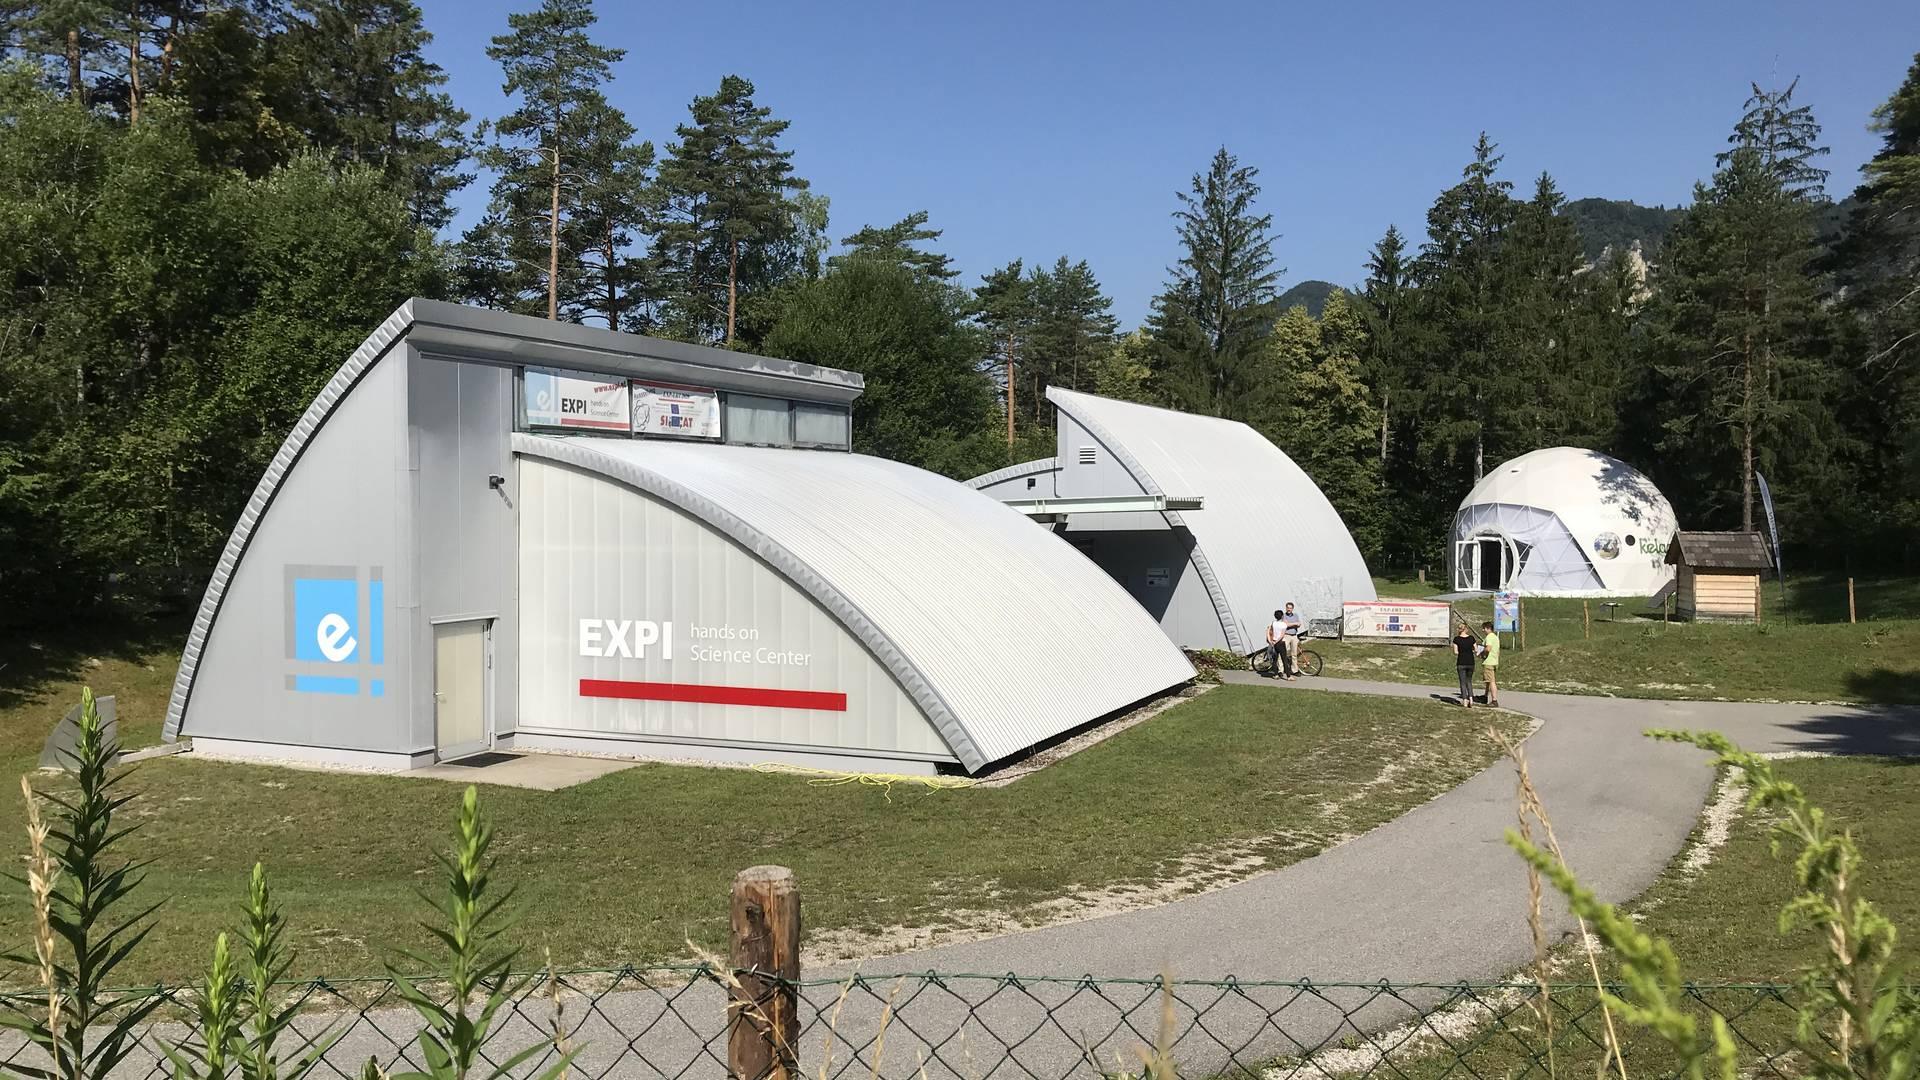 """<p>Urlaub im Wohnmobil von Ute Zaworka, """"Expi"""" - hands on Science Center</p>"""